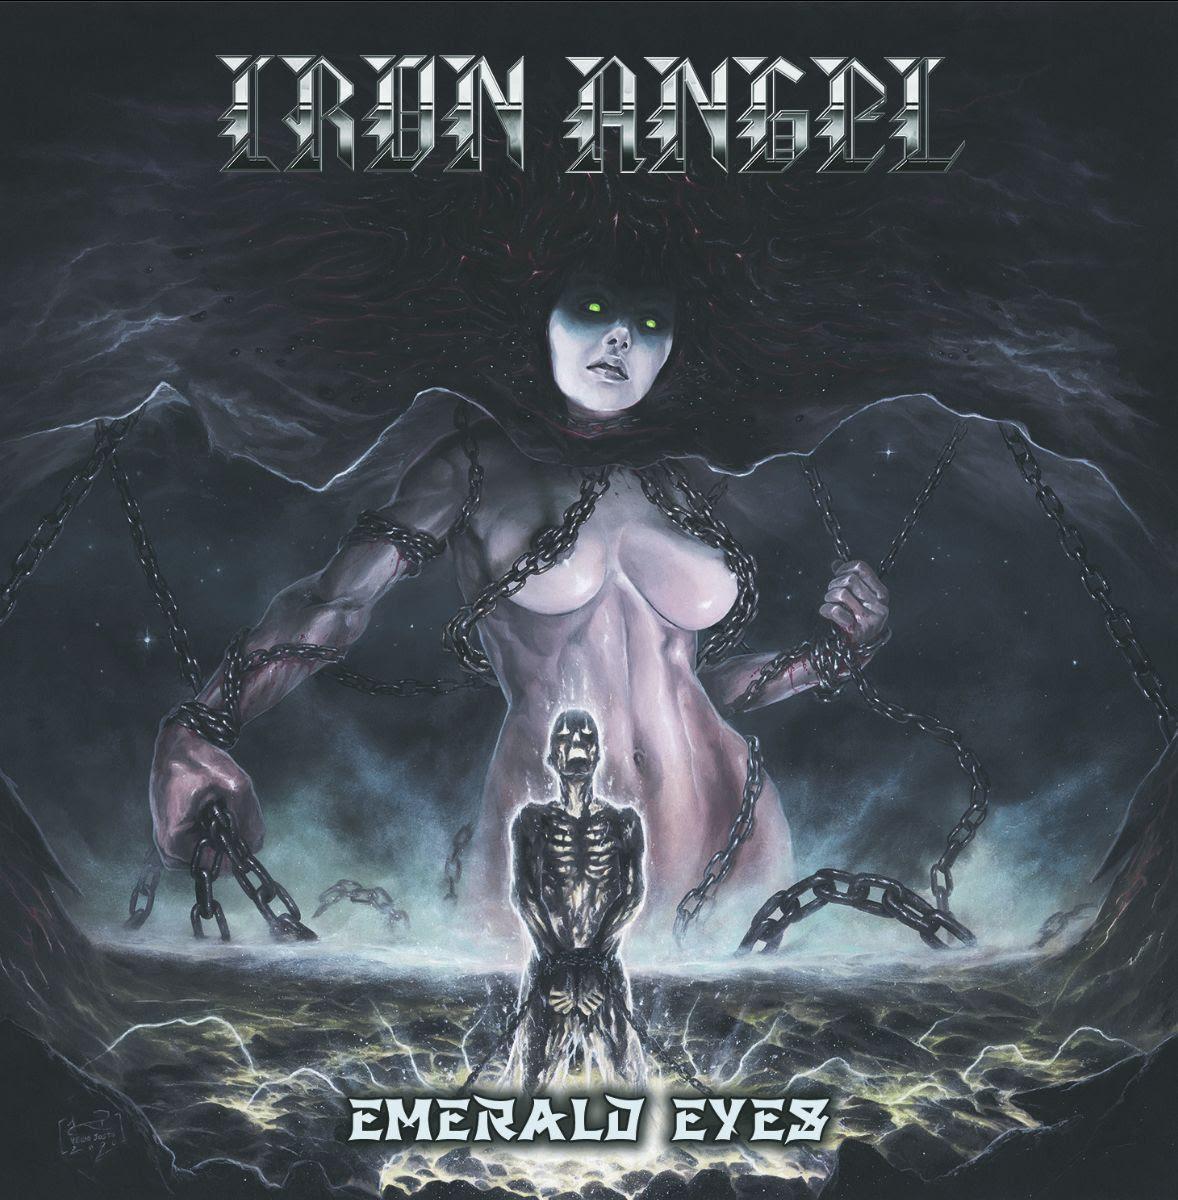 Emerald eyes iron angel